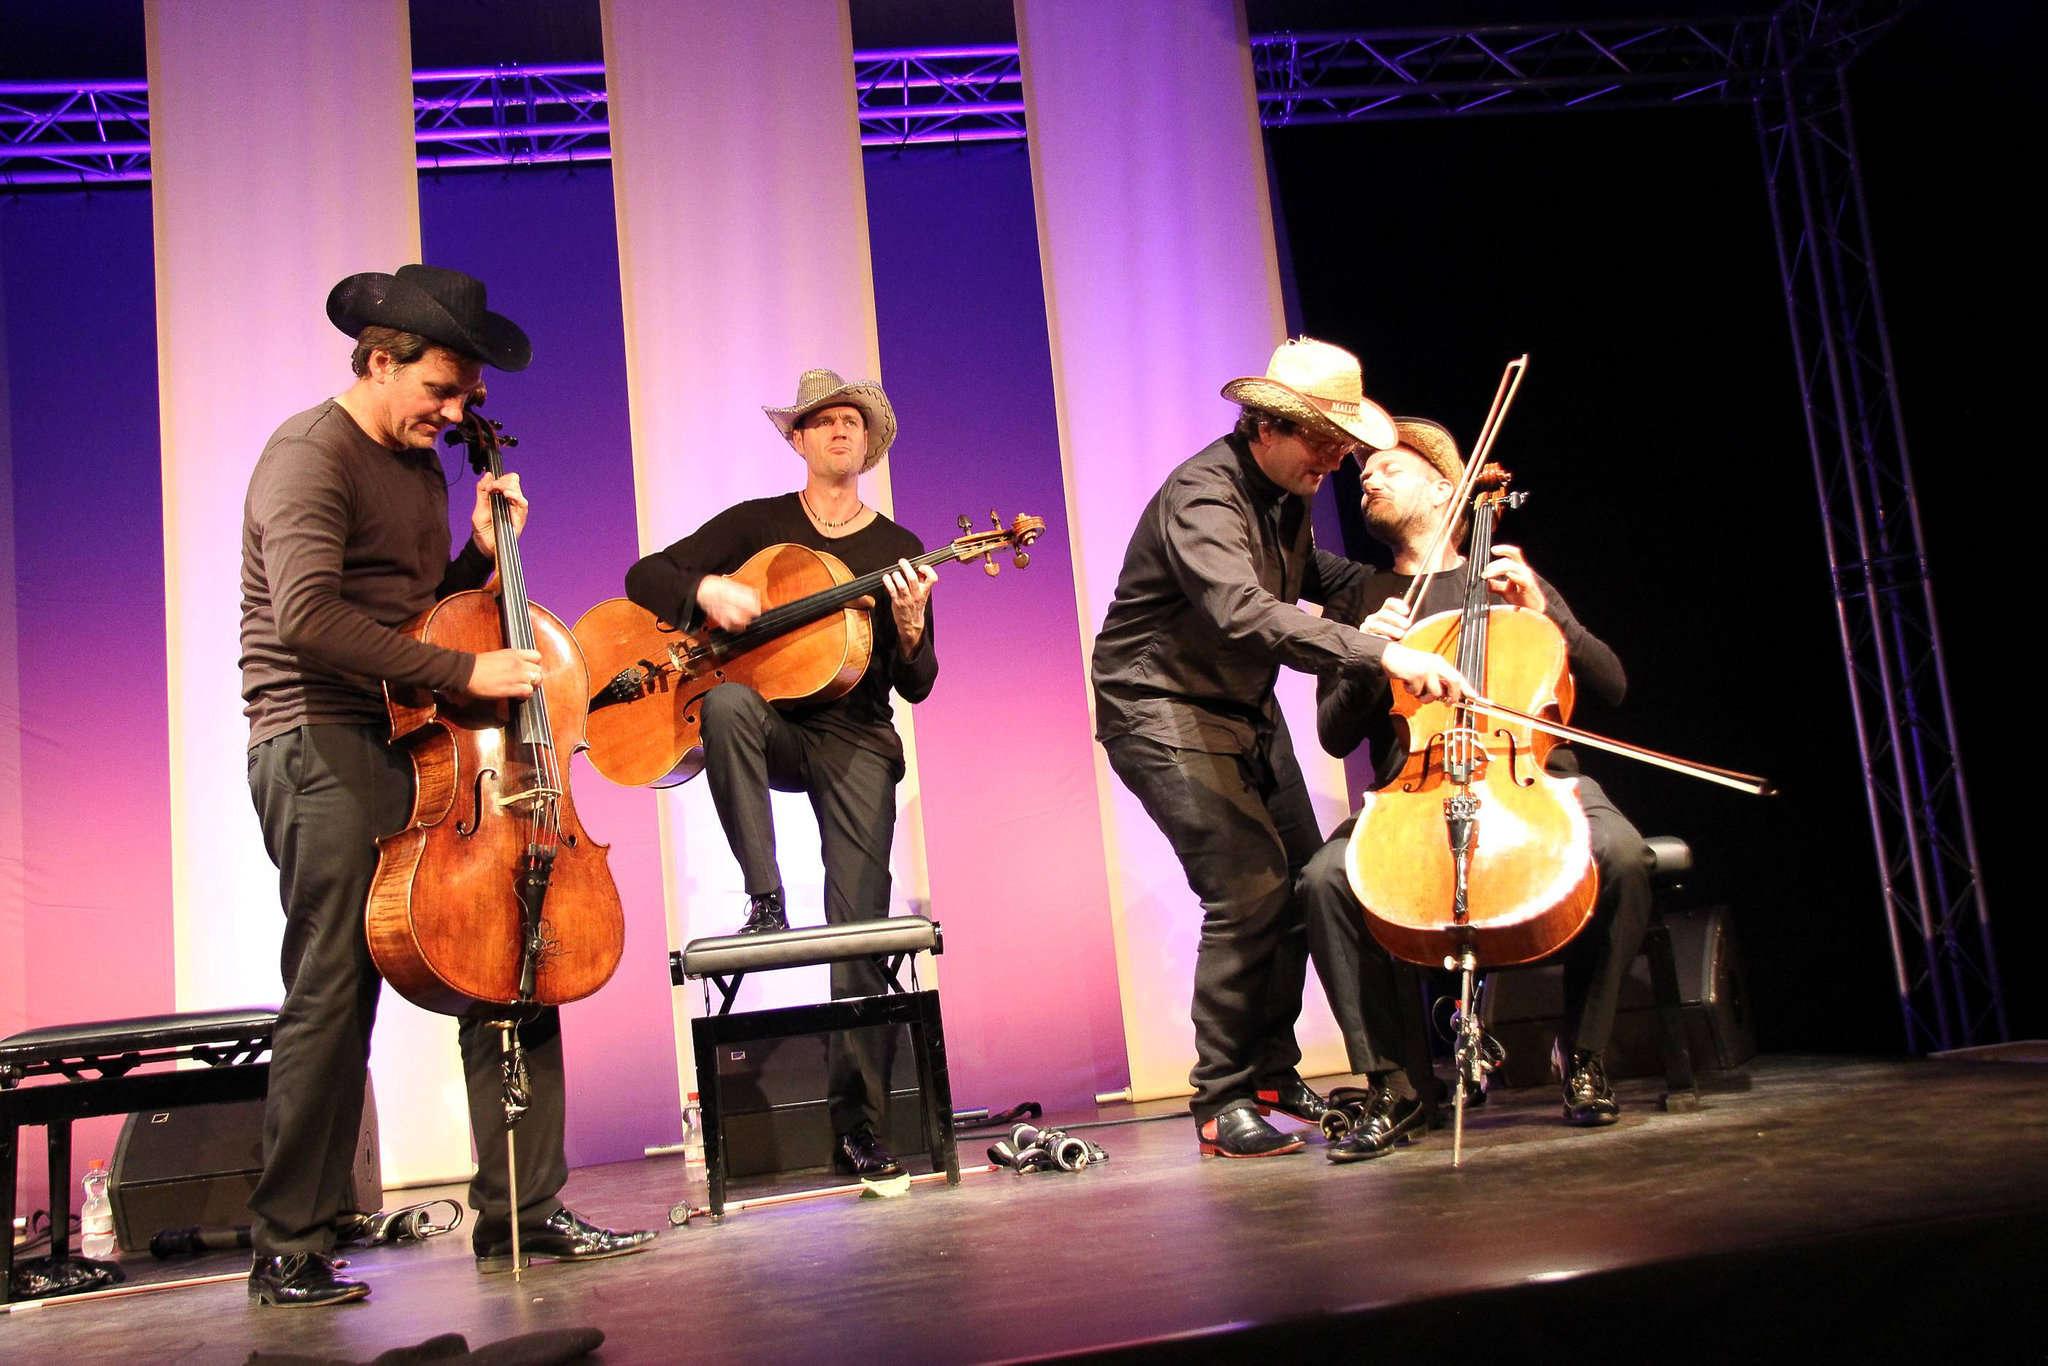 Cello zweckentfremdet? Keineswegs, Tim Ströble (von links), Matthias Trück, Lukas Dreyer und Hartwig Christ entlocken dem Klassiker neue Klänge. Foto: Nina Baucke